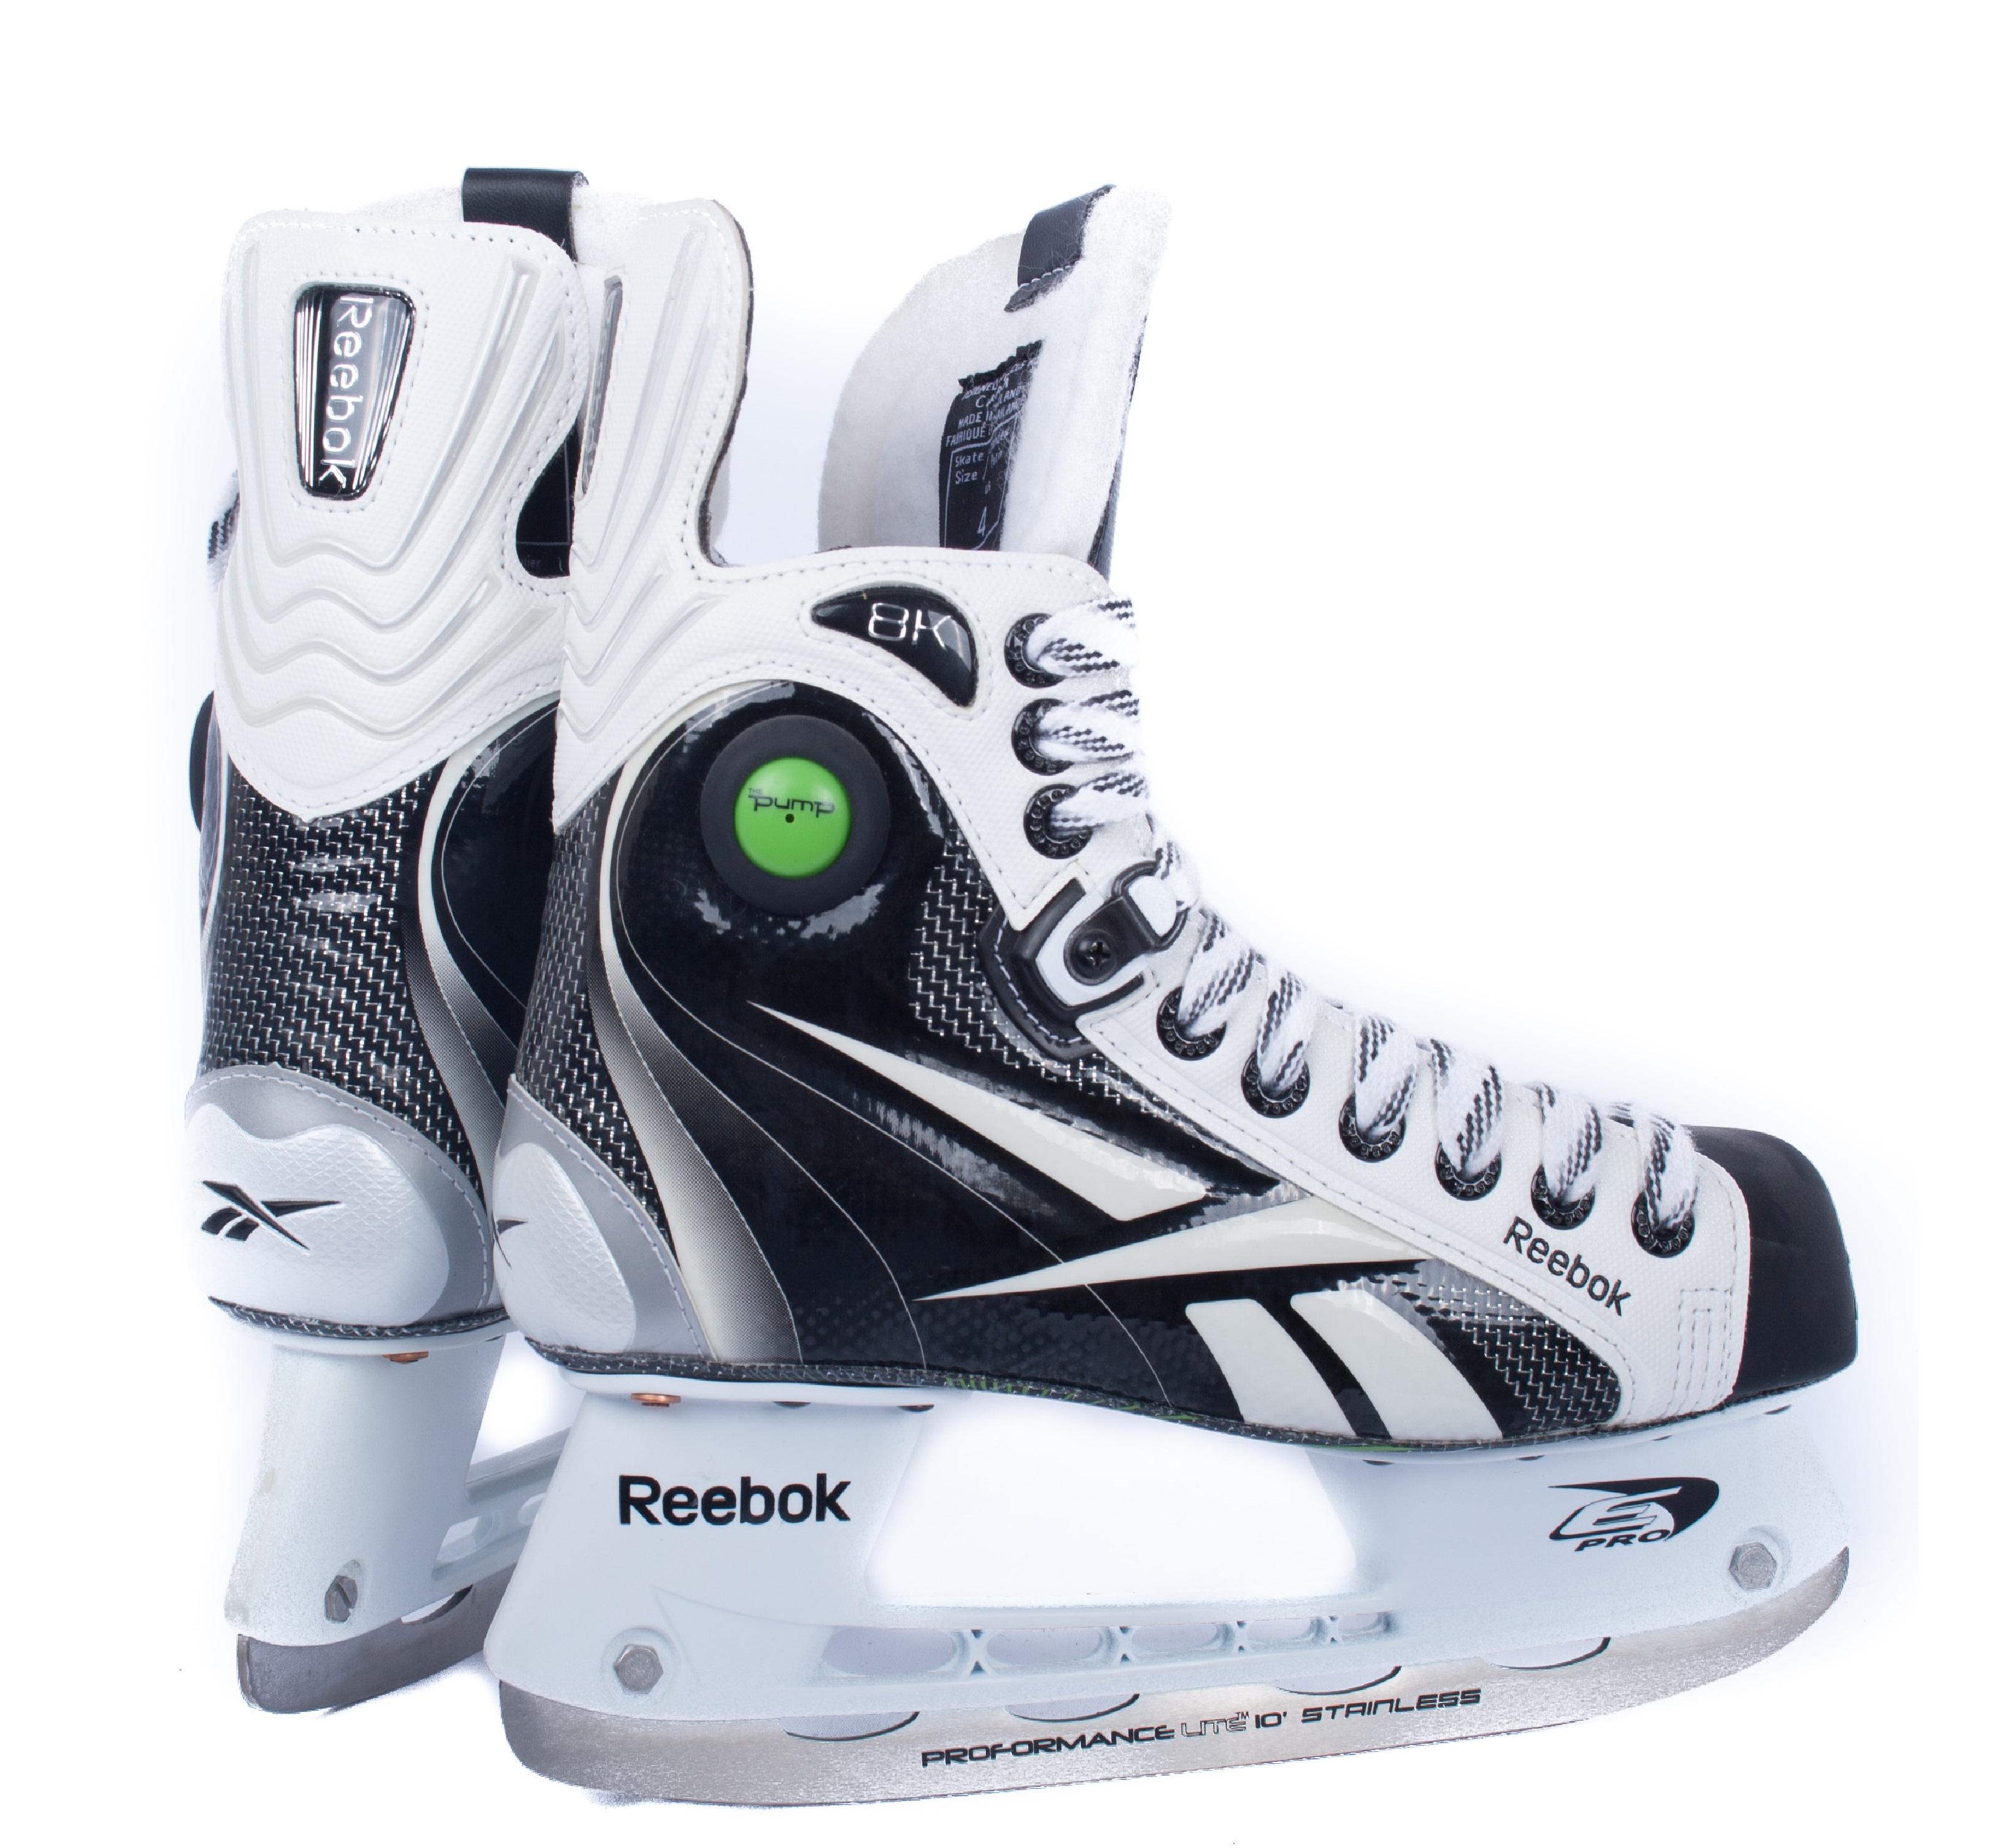 reebok 8k pump roller hockey skates